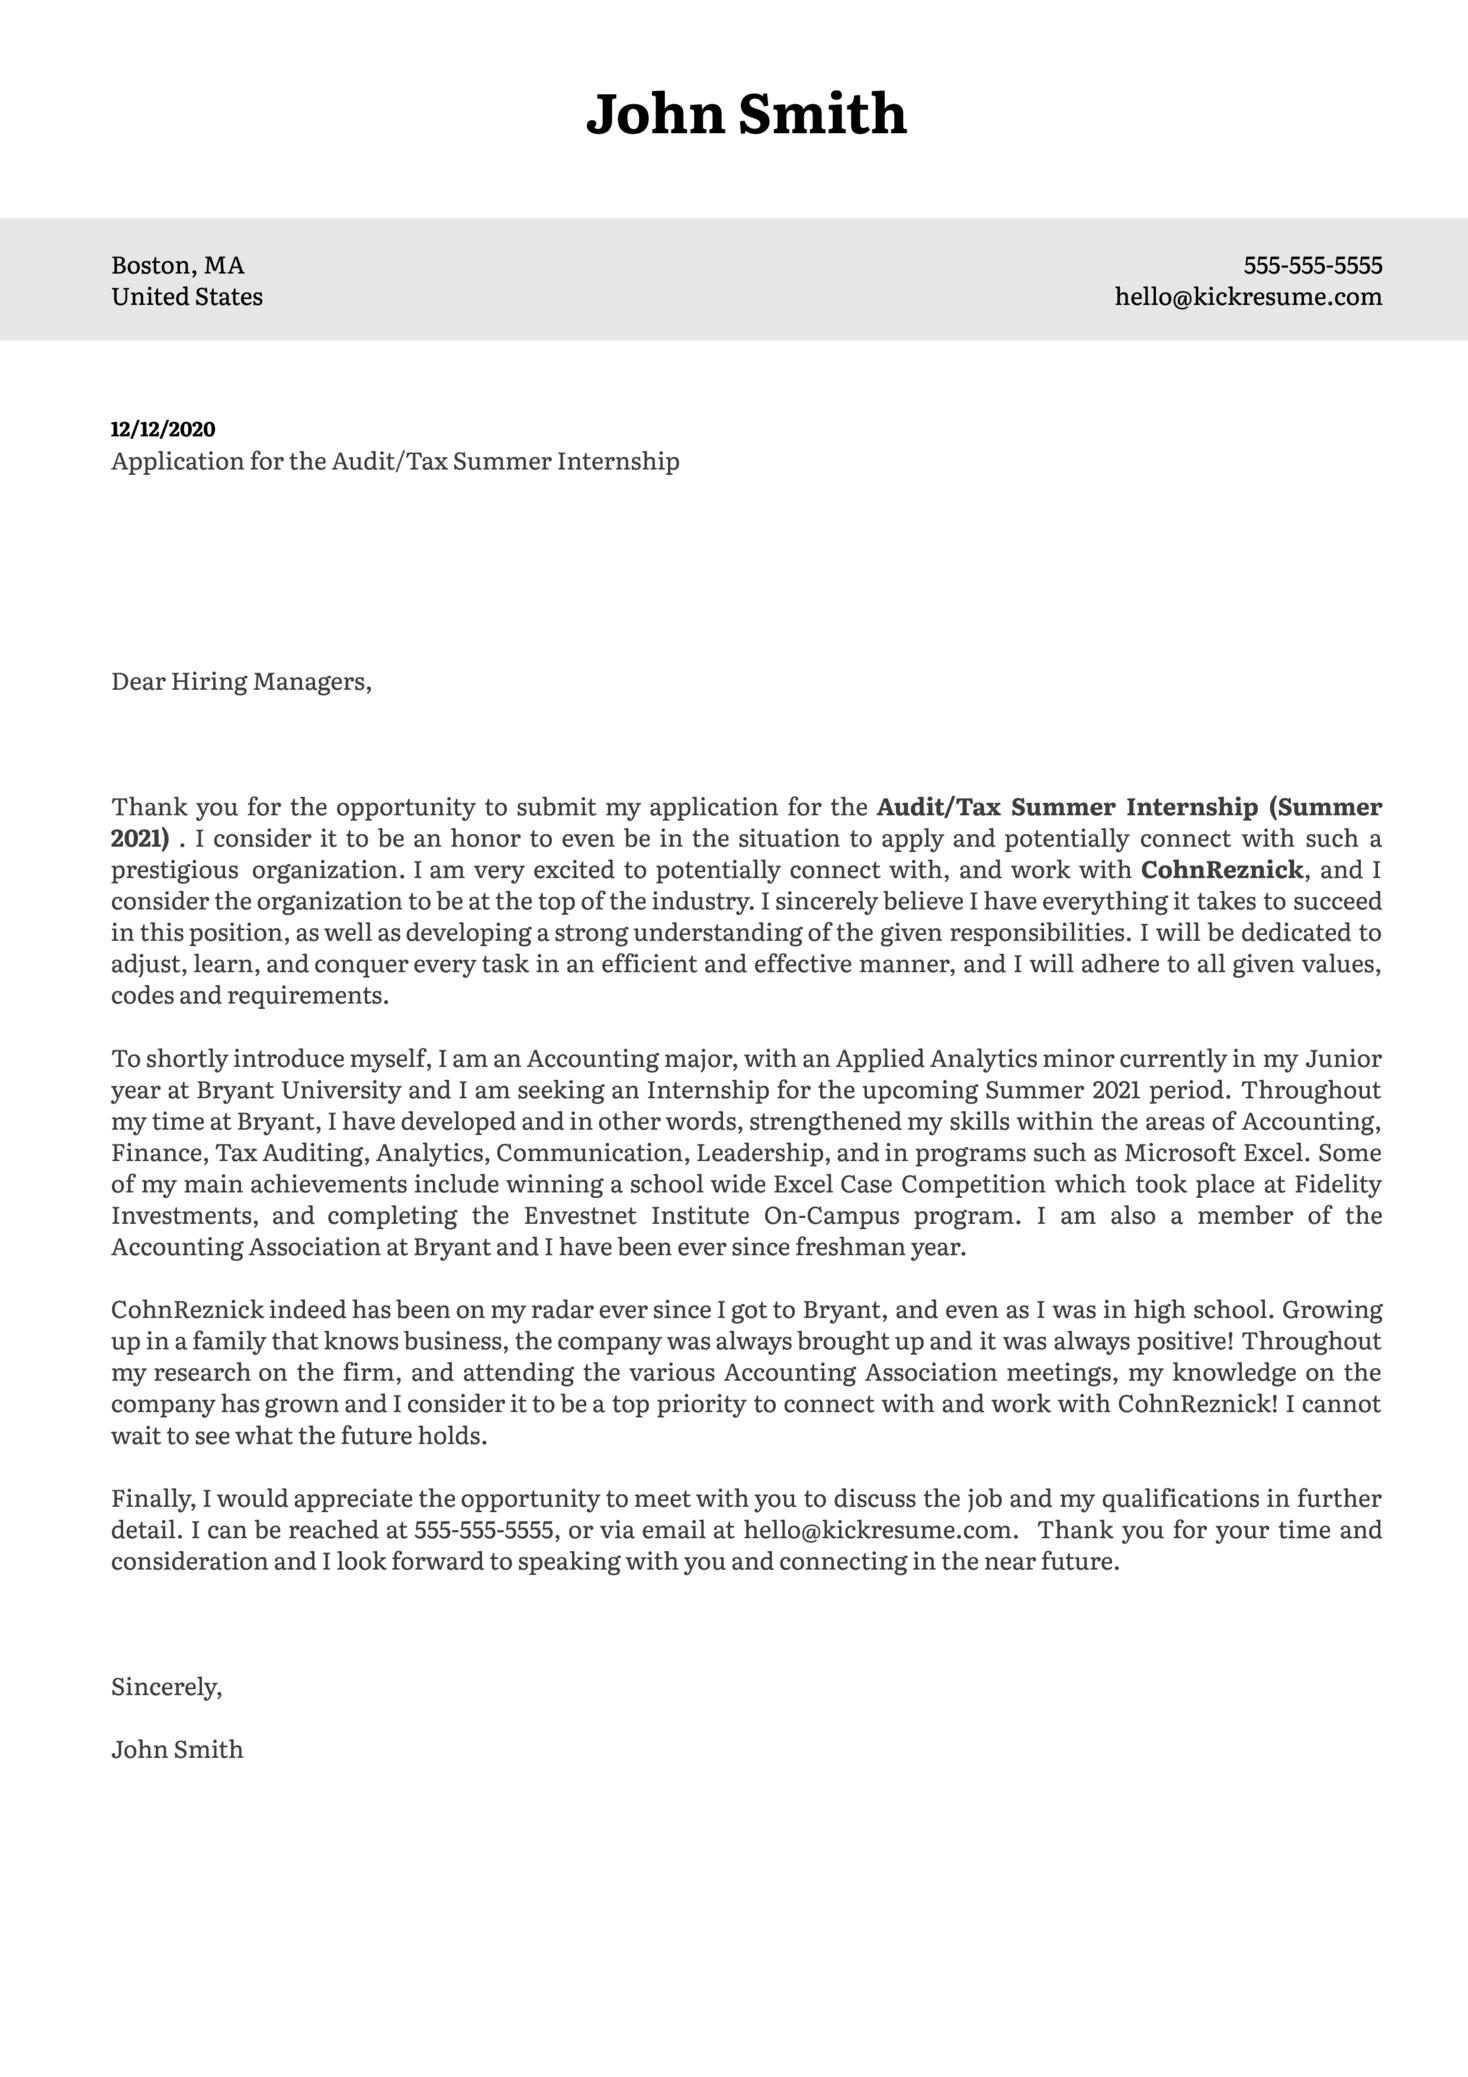 Audit/Tax Summer Internship at CohnReznick Cover Letter Sample